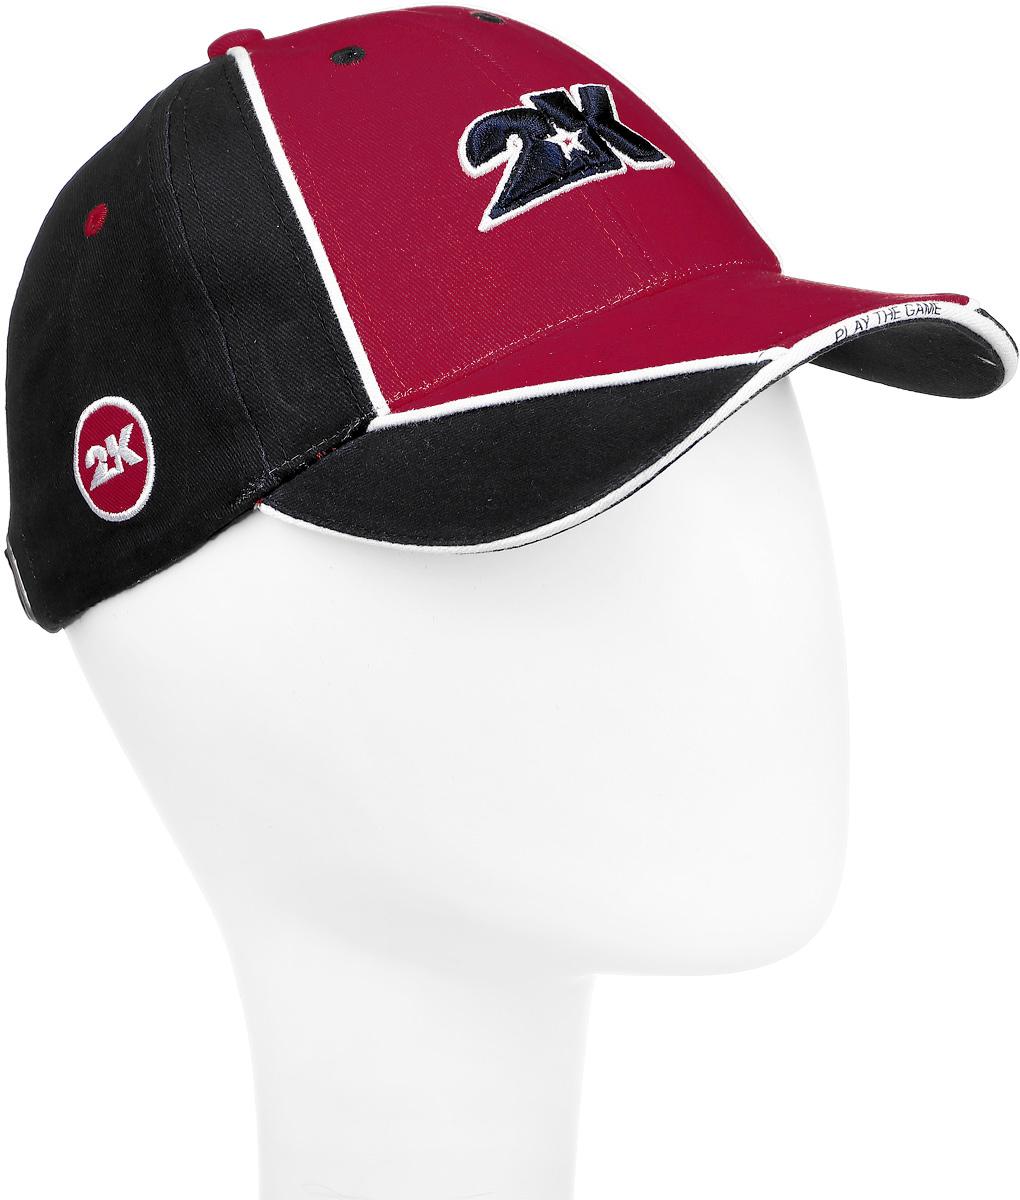 Бейсболка 2K Sport Dimaro, цвет: темно-синий, красный, белый. 124223. Размер 58/60124223_navy/red/whiteБейсболка 2K Sport Dimaro выполнена из натурального хлопка и имеет классическую панельную конструкцию. Модель с плотным козырьком оформлена объемными фирменными вышивками. Бейсболка имеет небольшие отверстия, обеспечивающие дополнительную вентиляцию. Объем бейсболки регулируется при помощи хлястика с металлической застежкой-фиксатором, оформленной гравировкой.